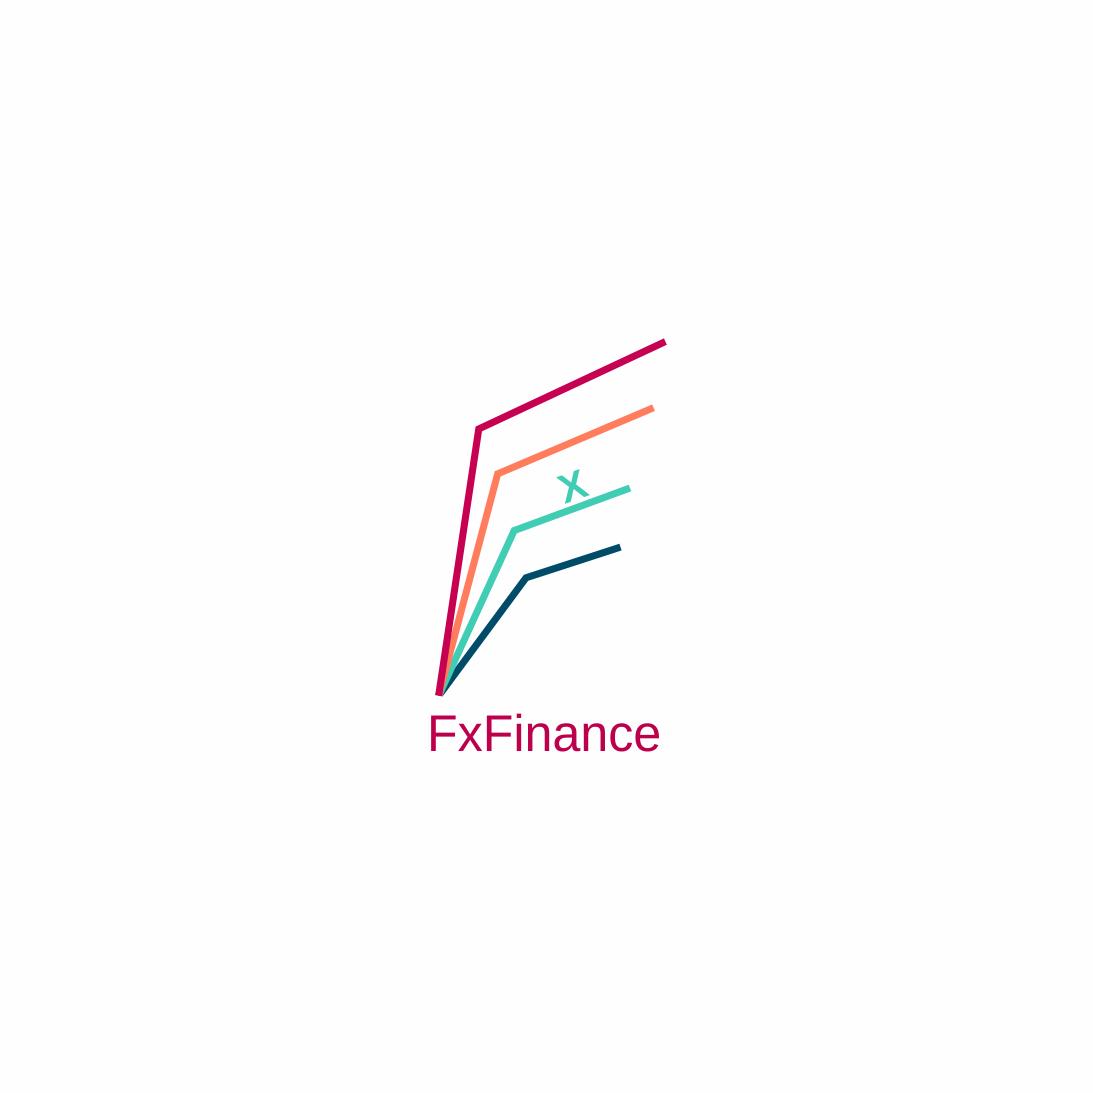 Разработка логотипа для компании FxFinance фото f_291511cf6c3df003.png